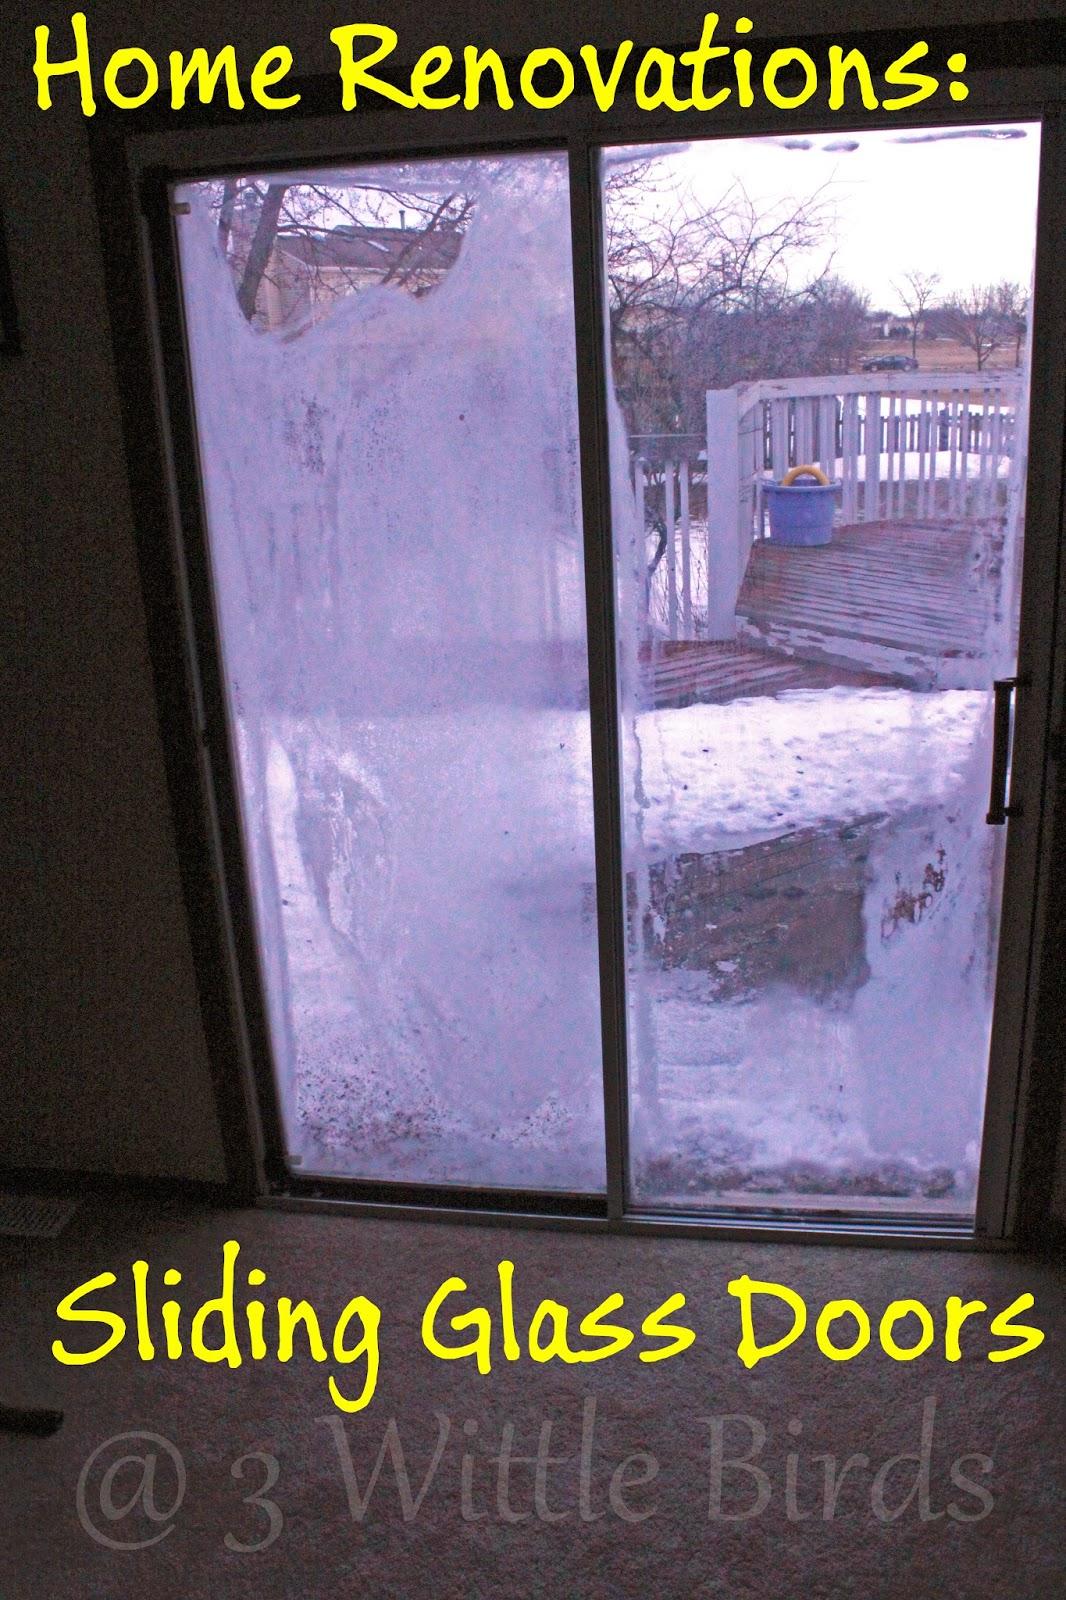 homerenosliding+glass+doors.jpg